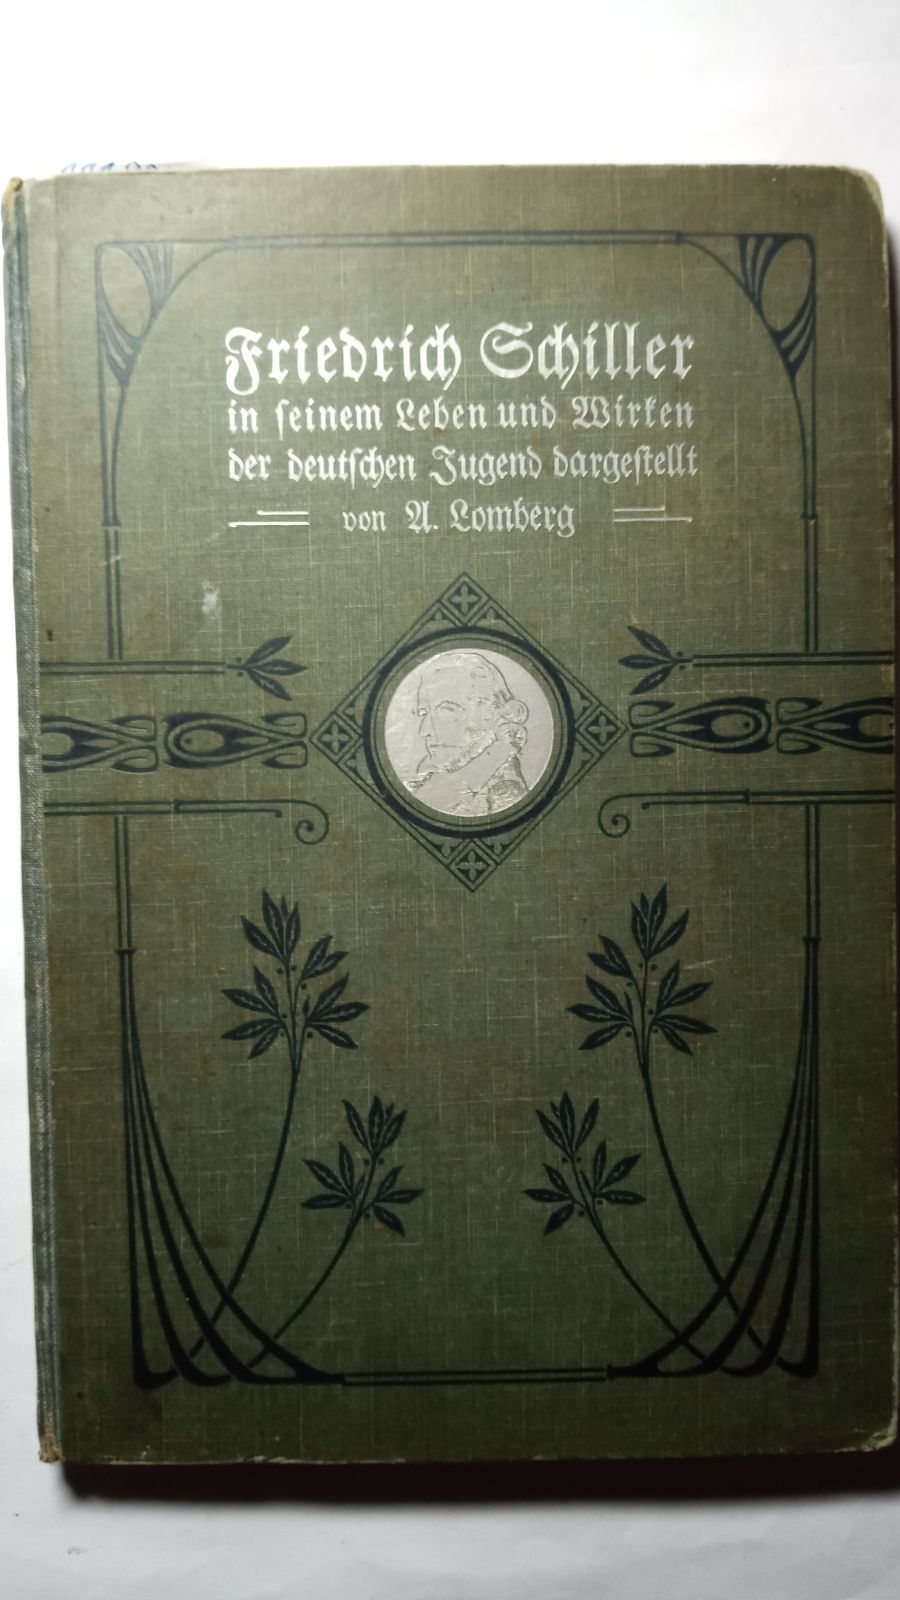 Friedrich Schiller in seinem Leben und Wirken.: Lomberg, August: